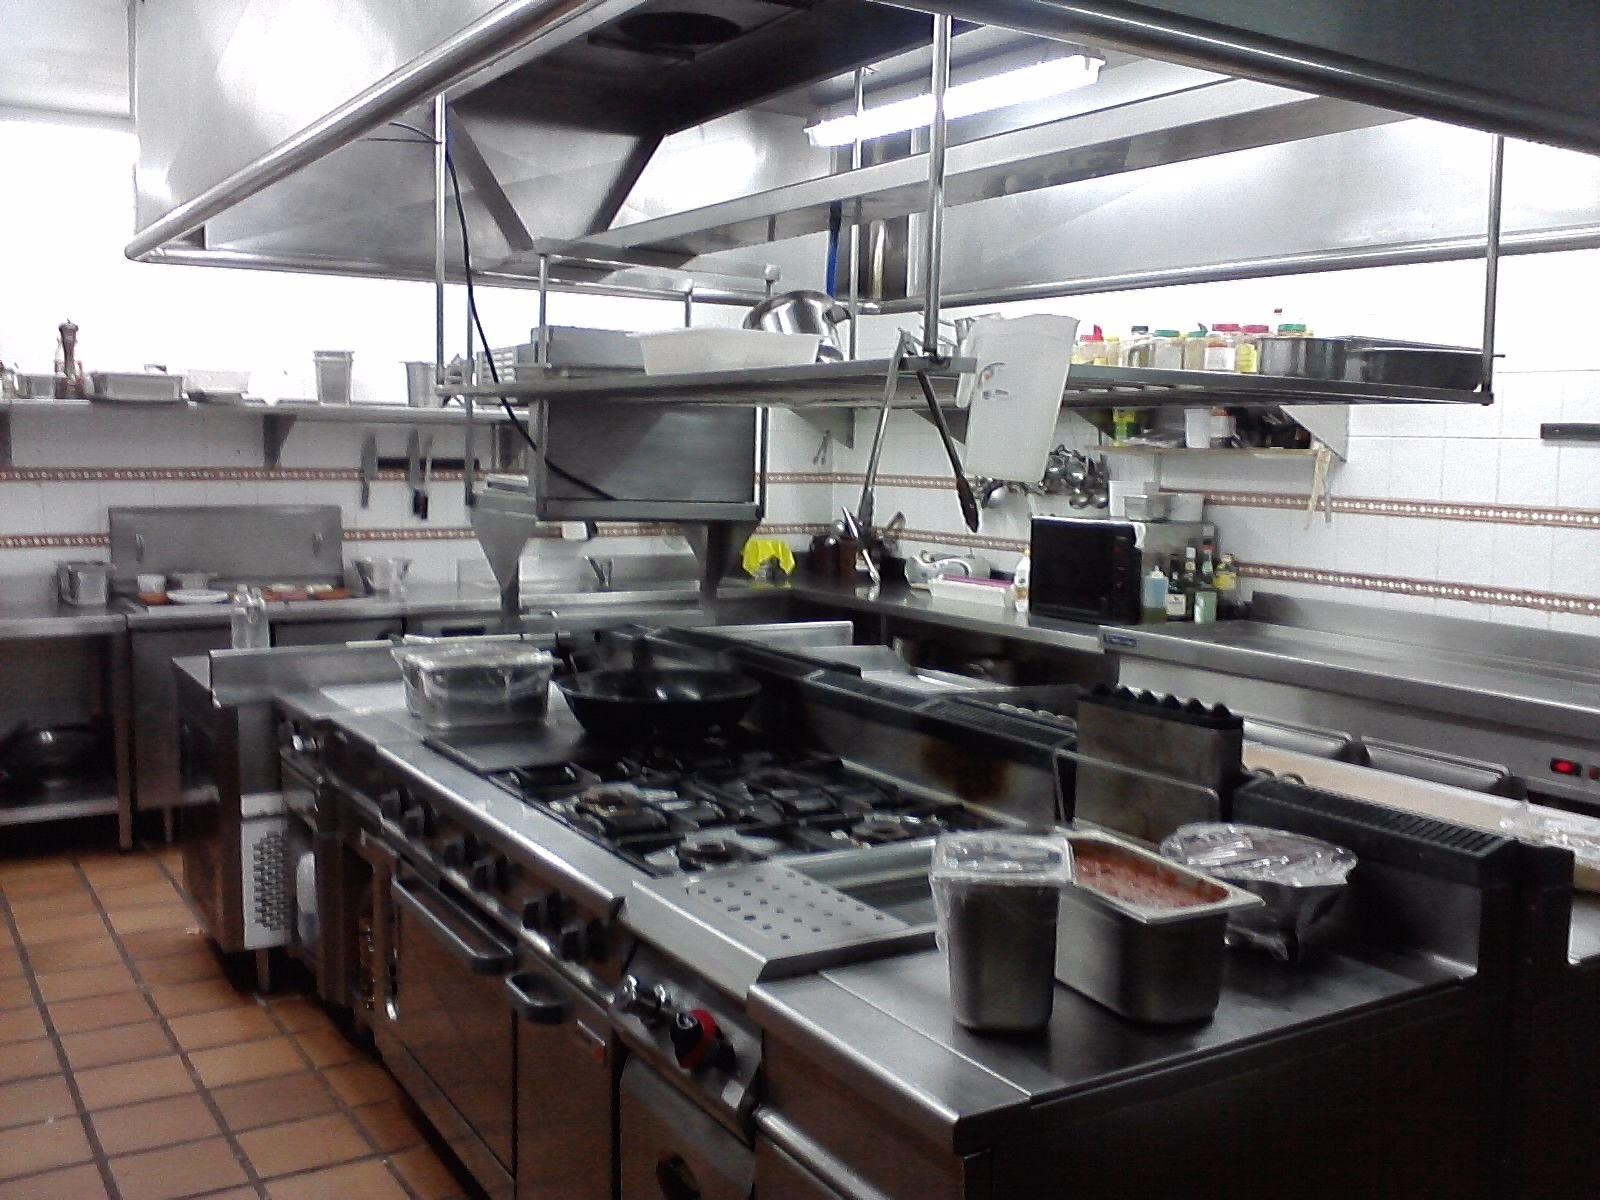 Limpieza de cocinas industriales - Stop deshollinadores, limpieza de chimenea...